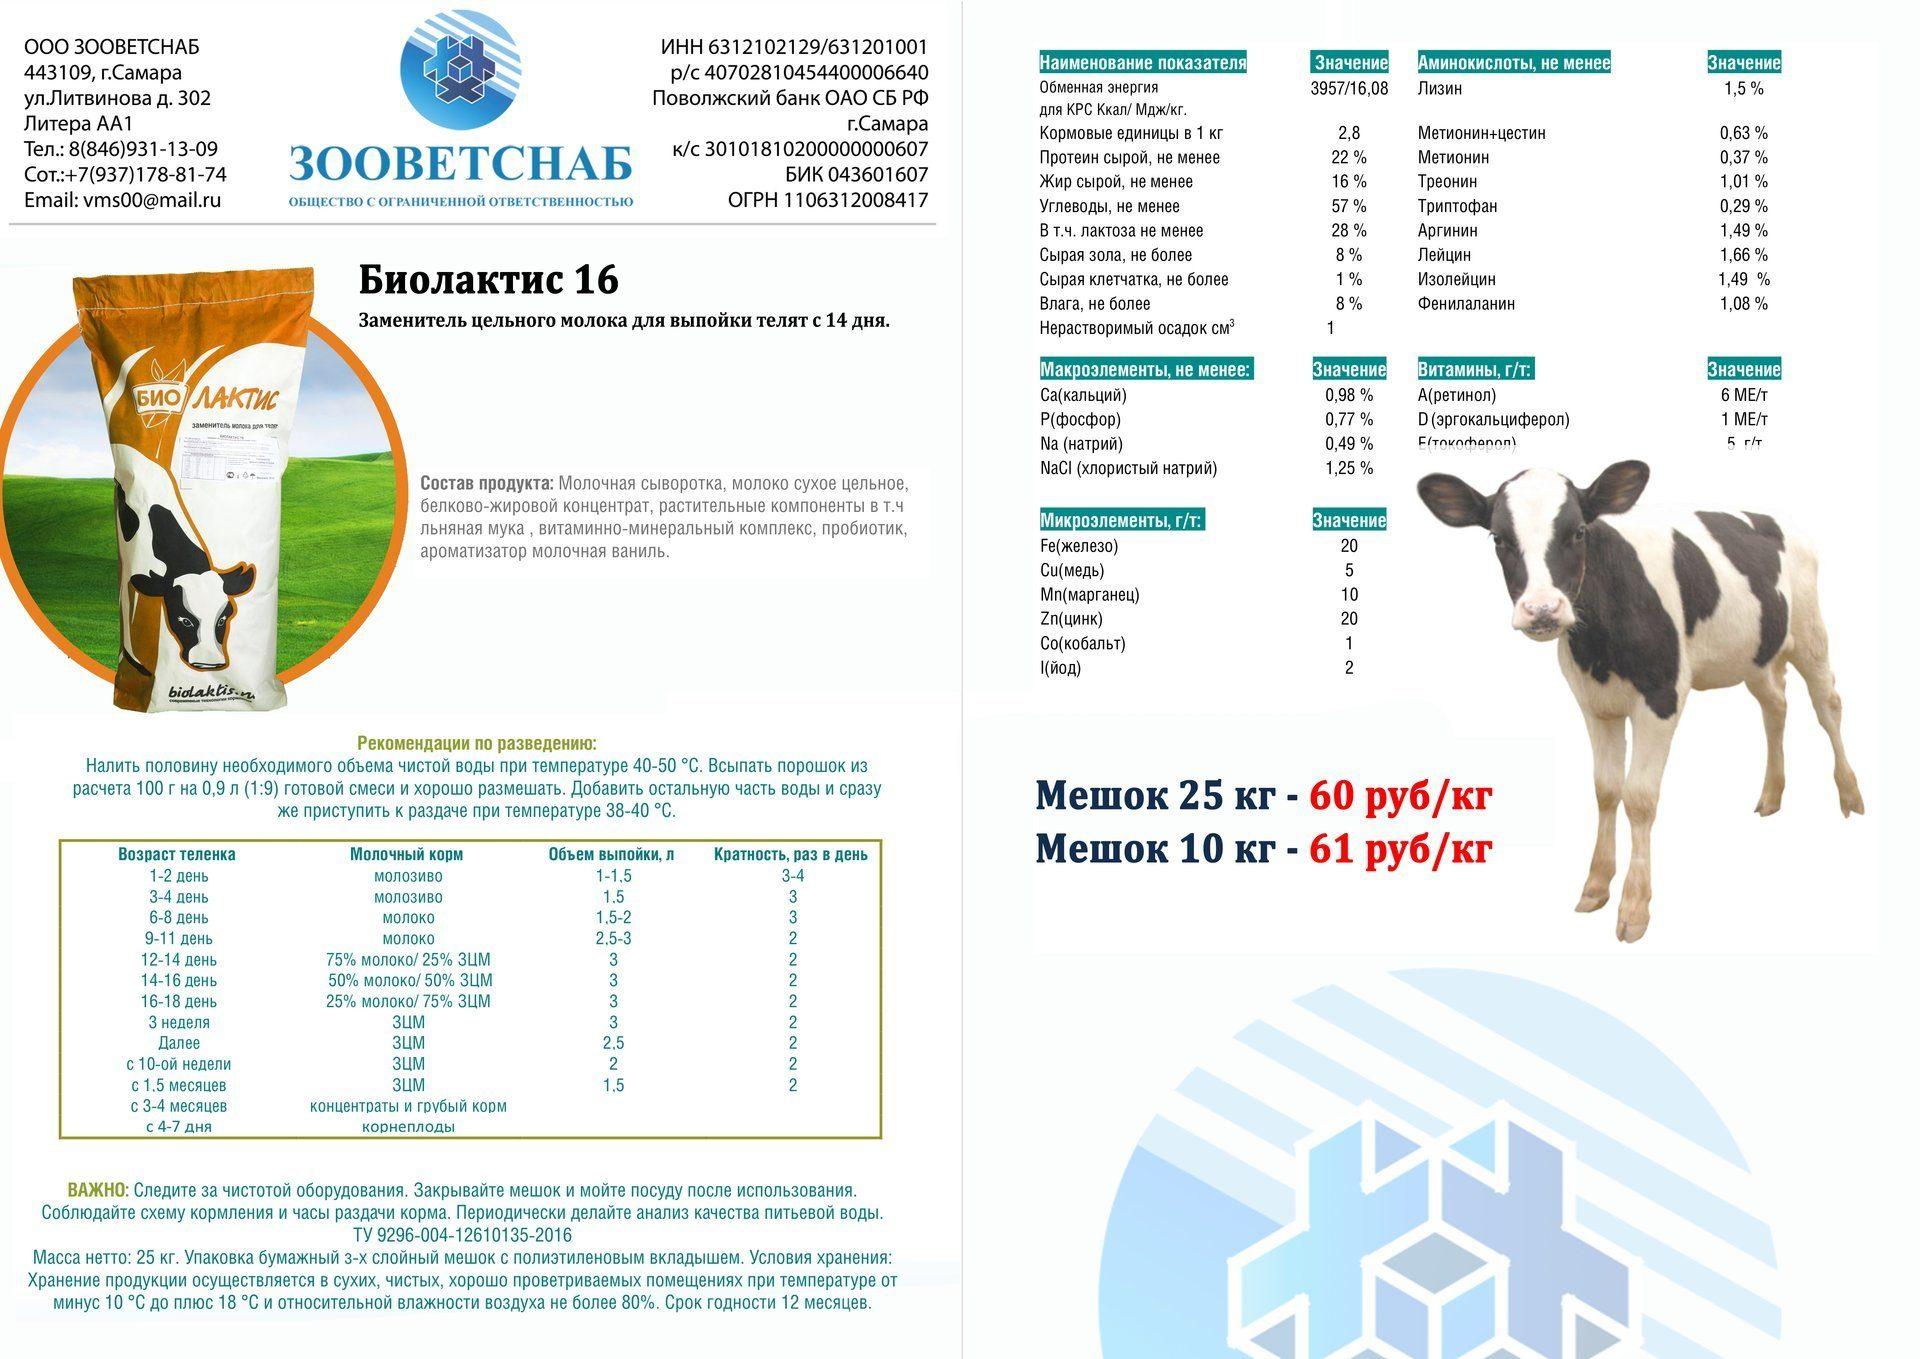 Заменитель цельного молока для телят: как правильно разводить сухое молоко? какой заменитель лучше выбрать? как кормить теленка?